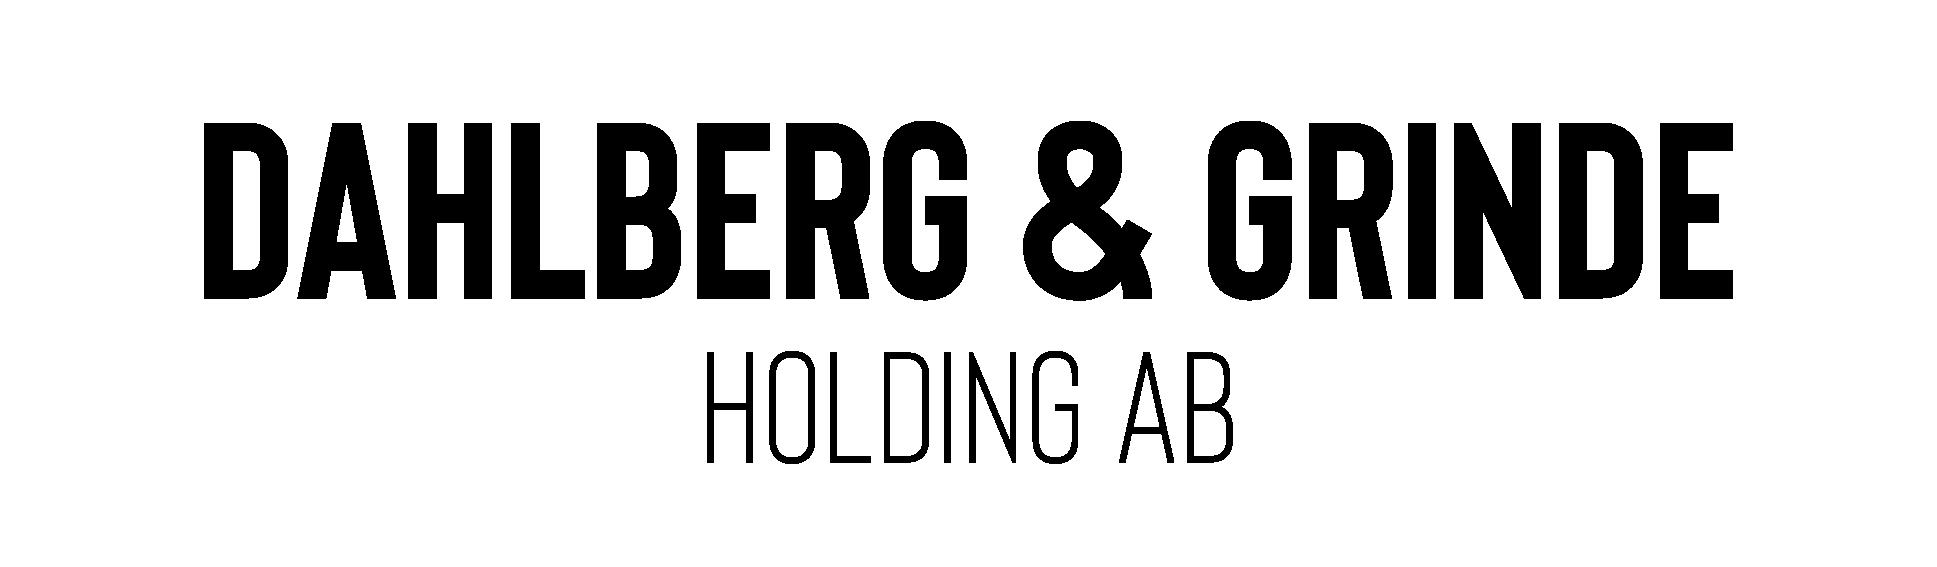 Dahlberg Grinde Holding AB logo